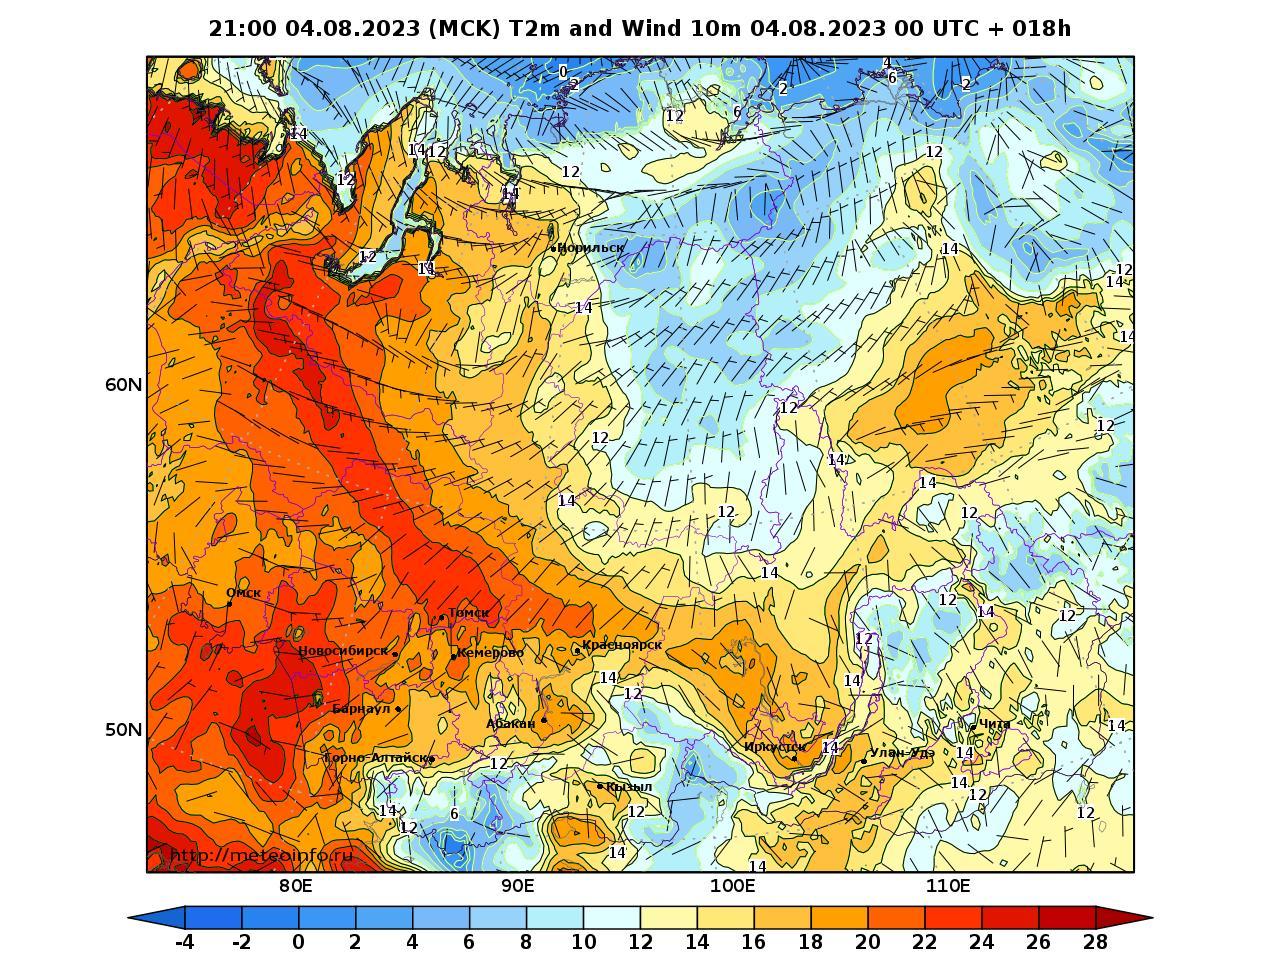 Сибирский Федеральный округ, прогностическая карта приземная температура, заблаговременность прогноза 18 часов